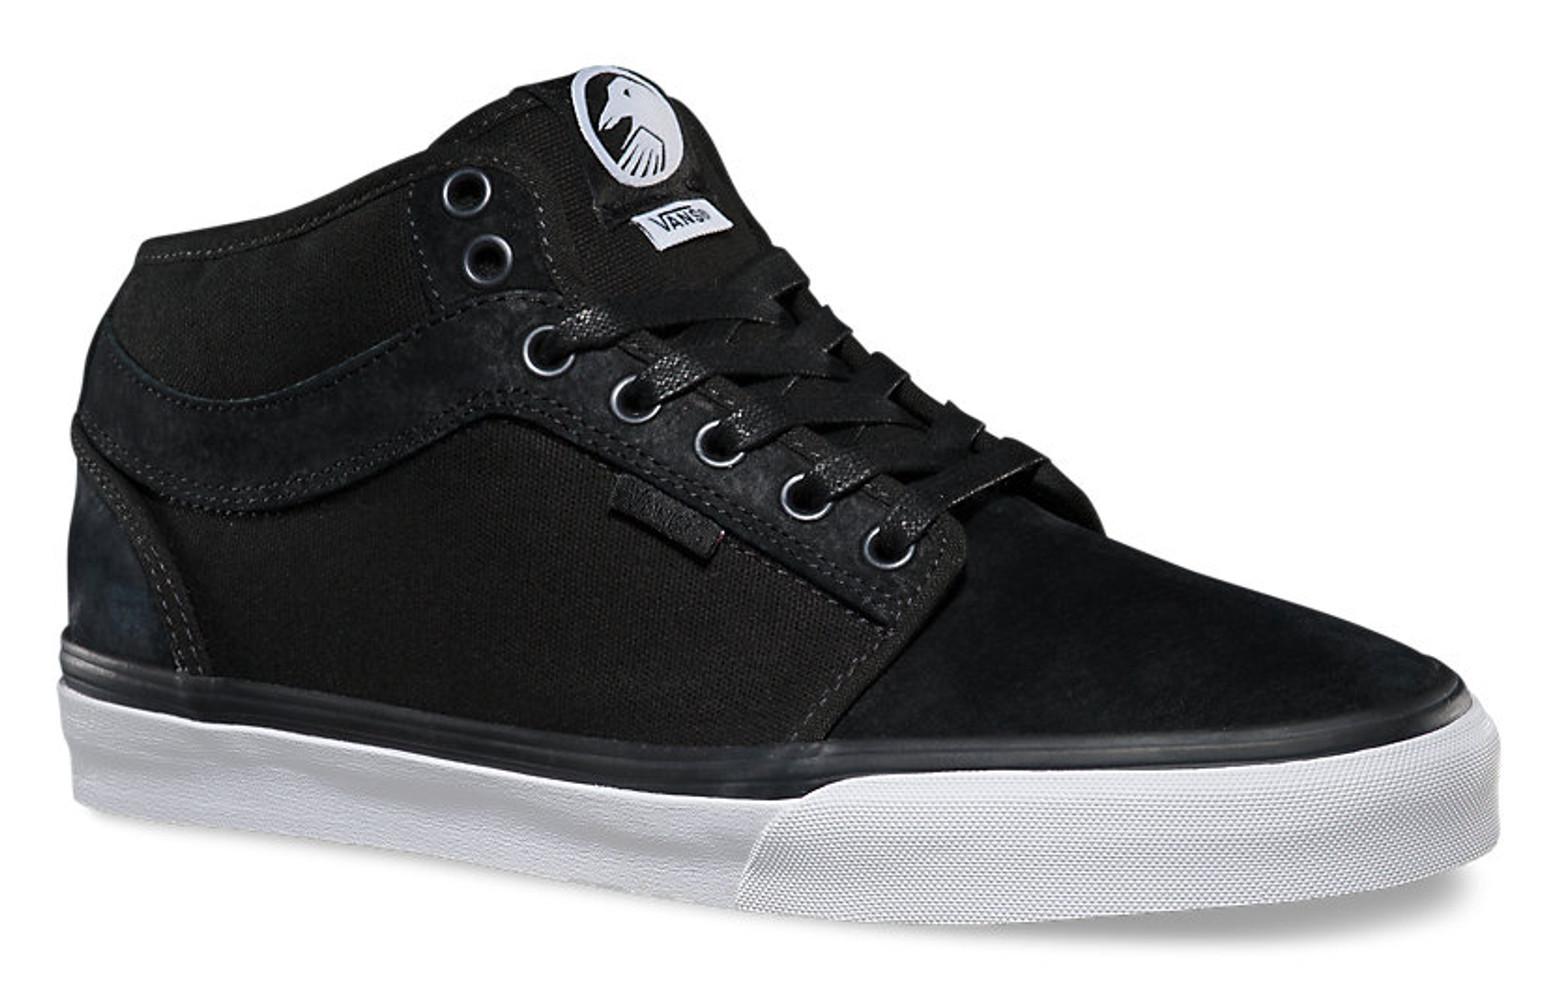 Chaussures Midtop Noir Vans Bmx Chukka Shadow ZrFZP